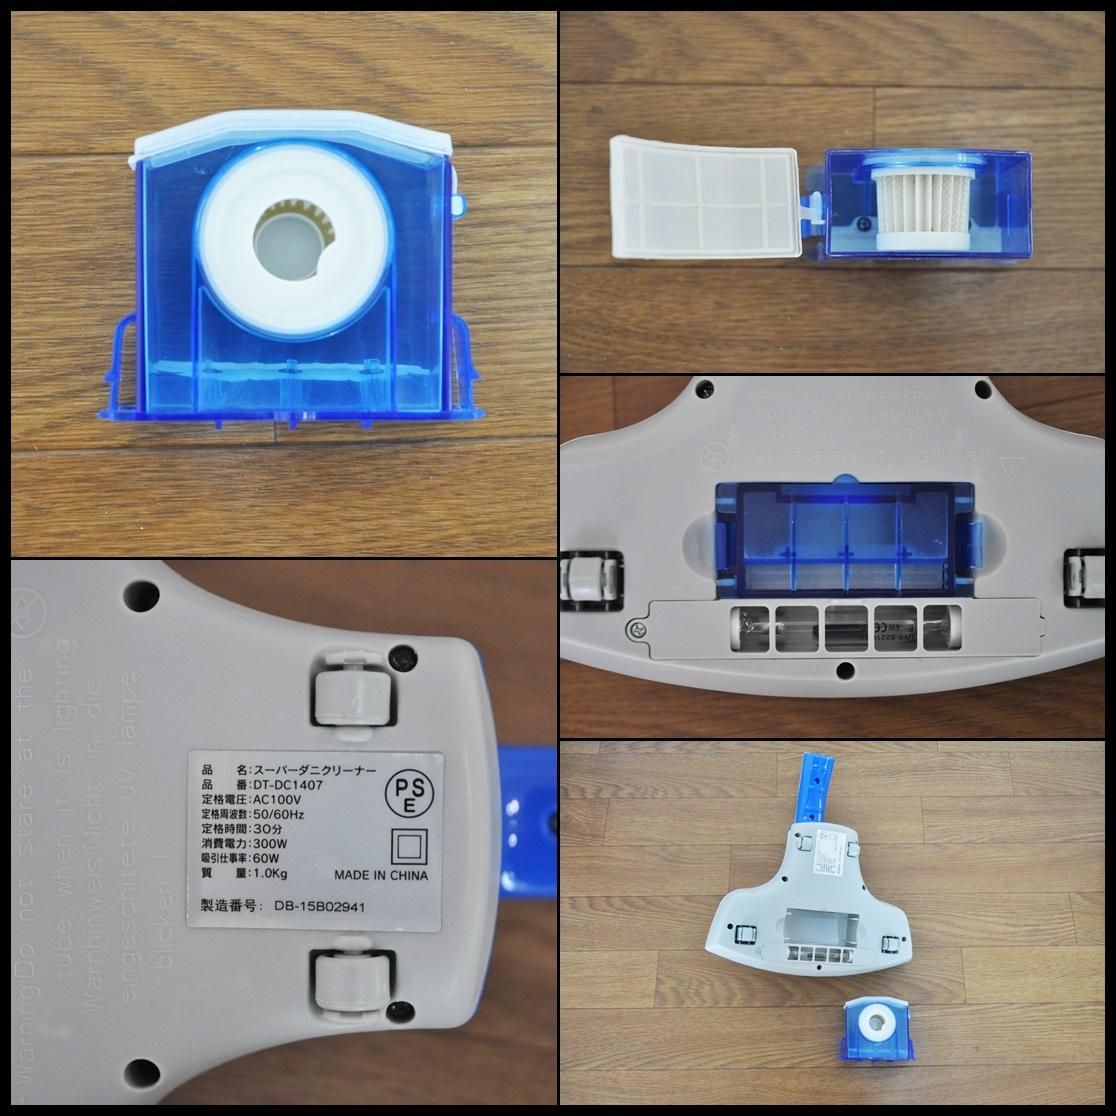 スーパーダニクリーナー DT-DC1407ふとん専用ダニ掃除機UV紫外線ランプ除菌 美品・動作確認済み_画像7